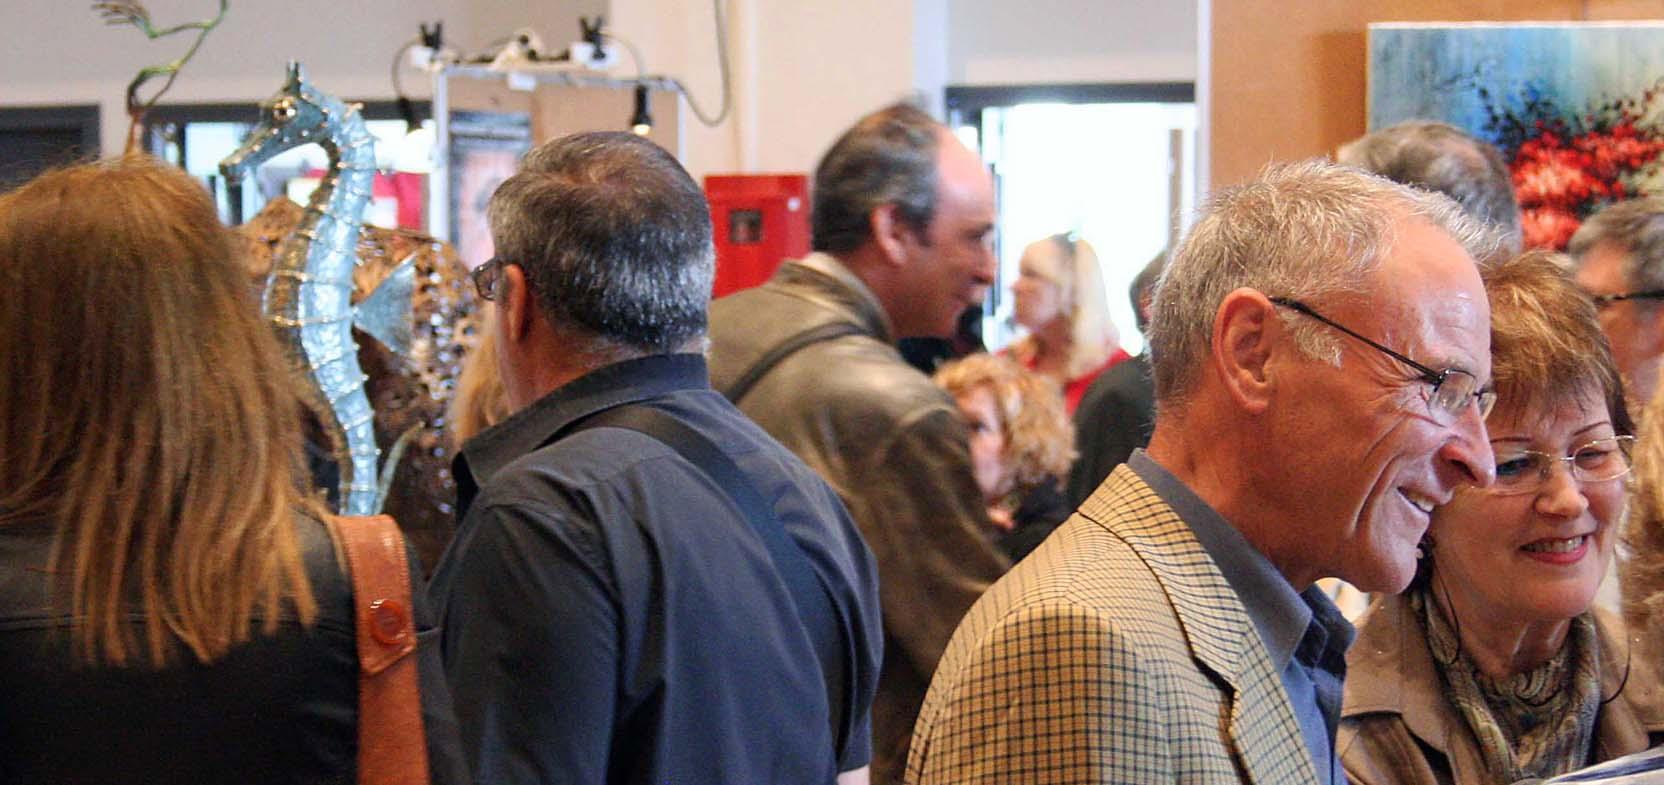 expositions-saint-germain-les-corbeil-ekinox